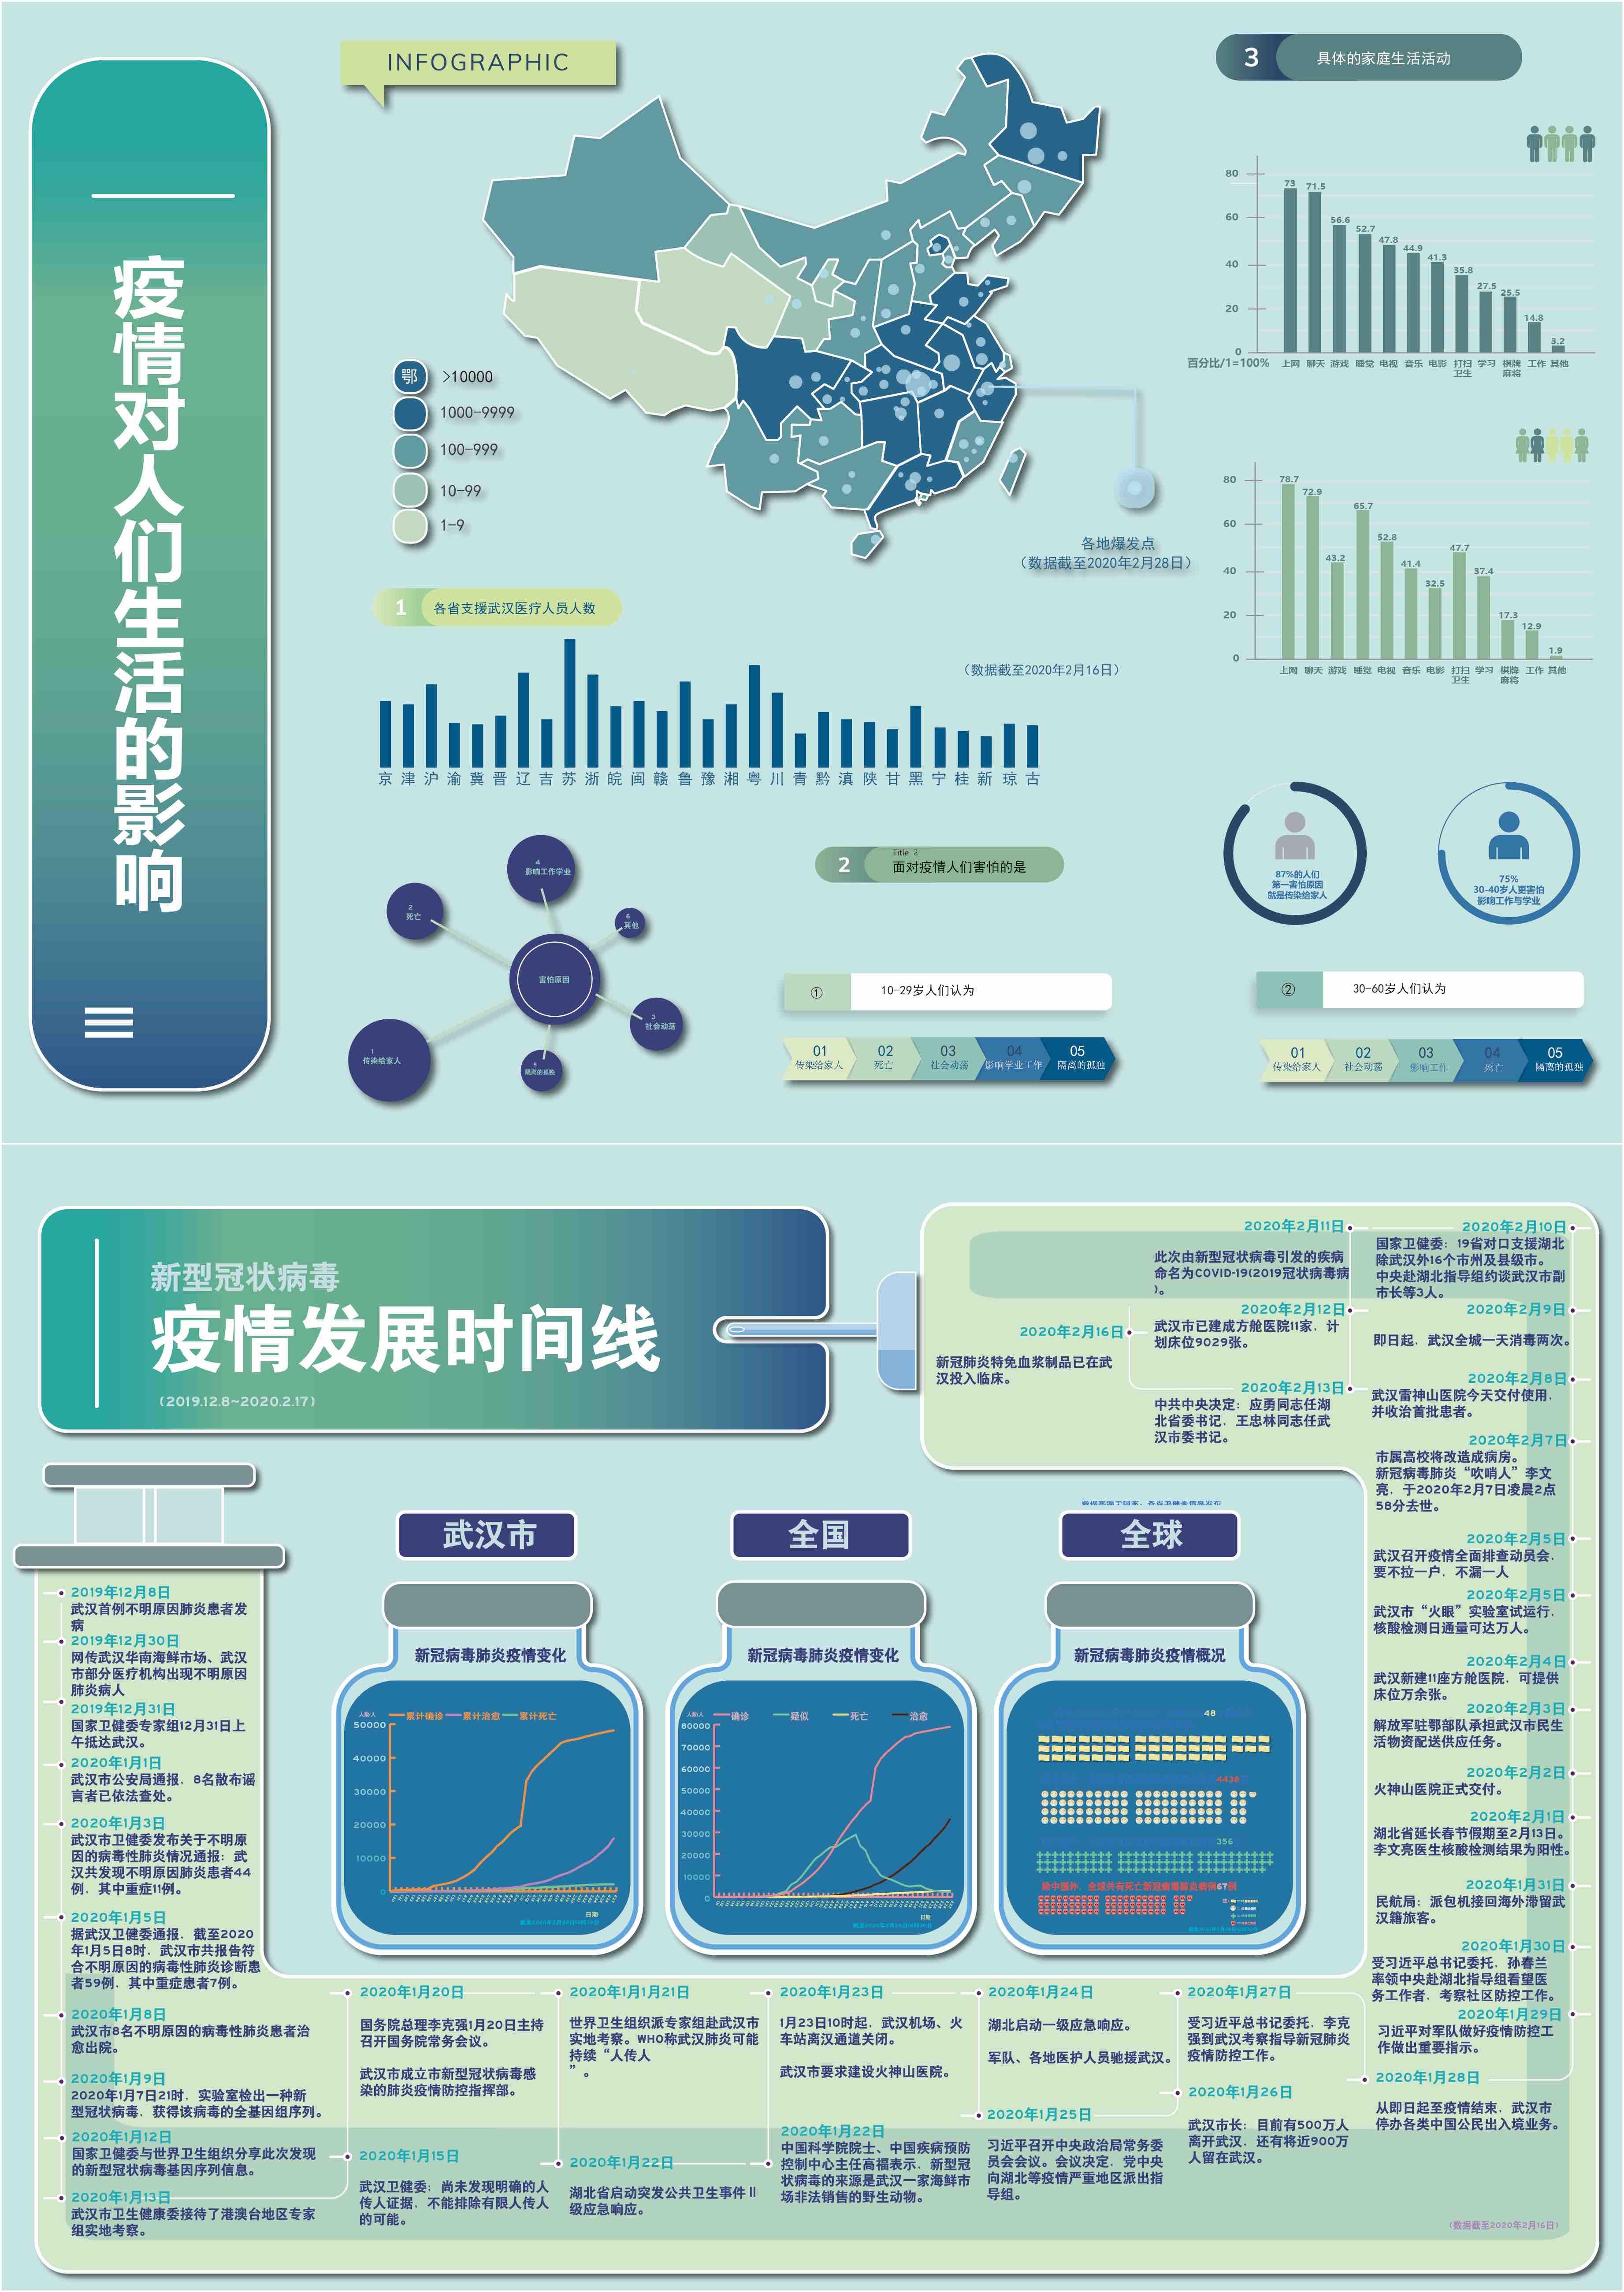 疫情对人们生活的影响及疫情发展的时间线(设计者:王令军刘家琦)